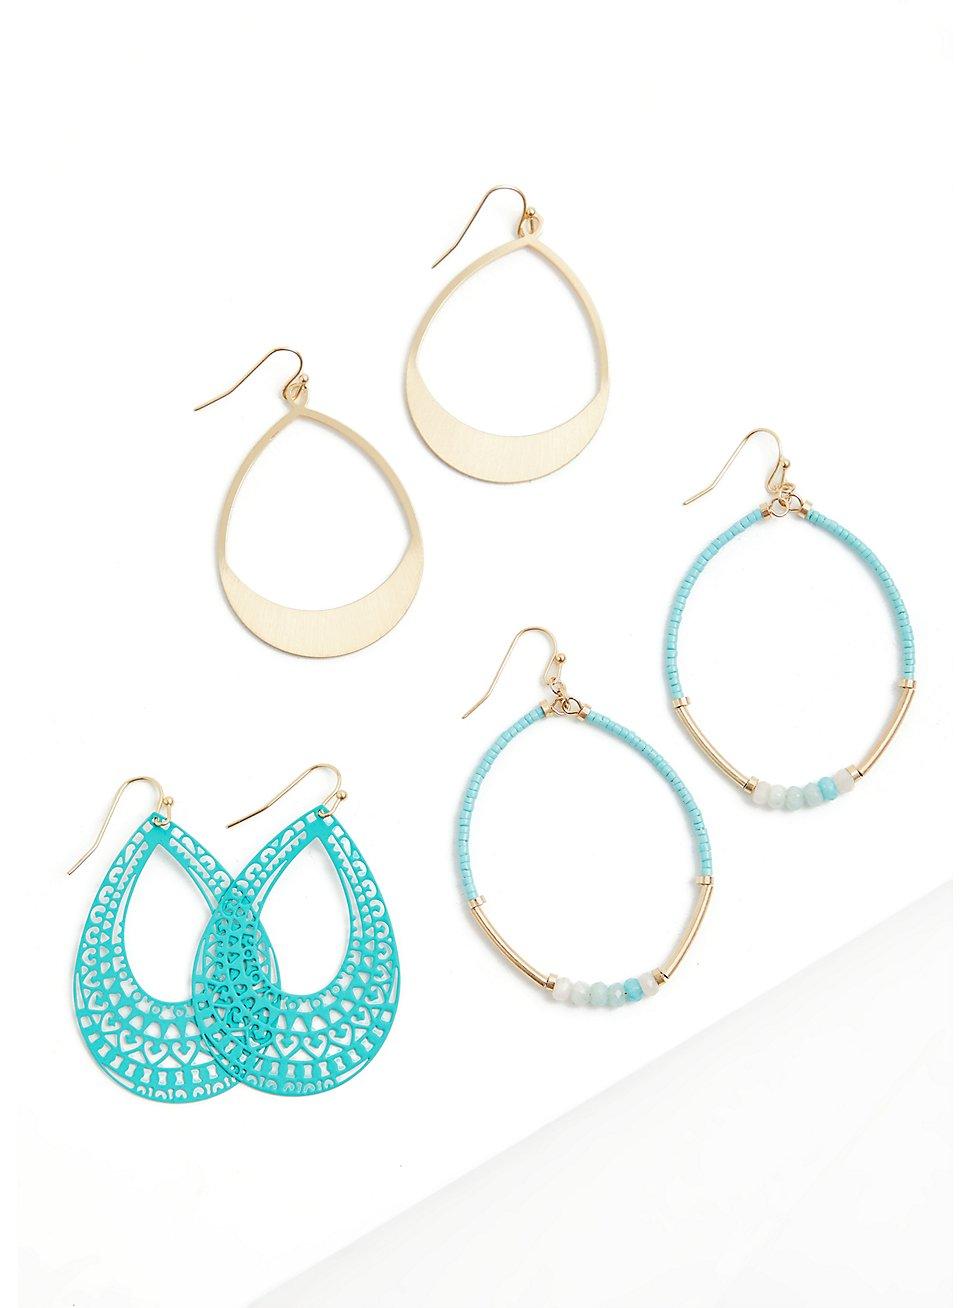 Turquoise Teardrop Earrings Set - Set of 3, , hi-res